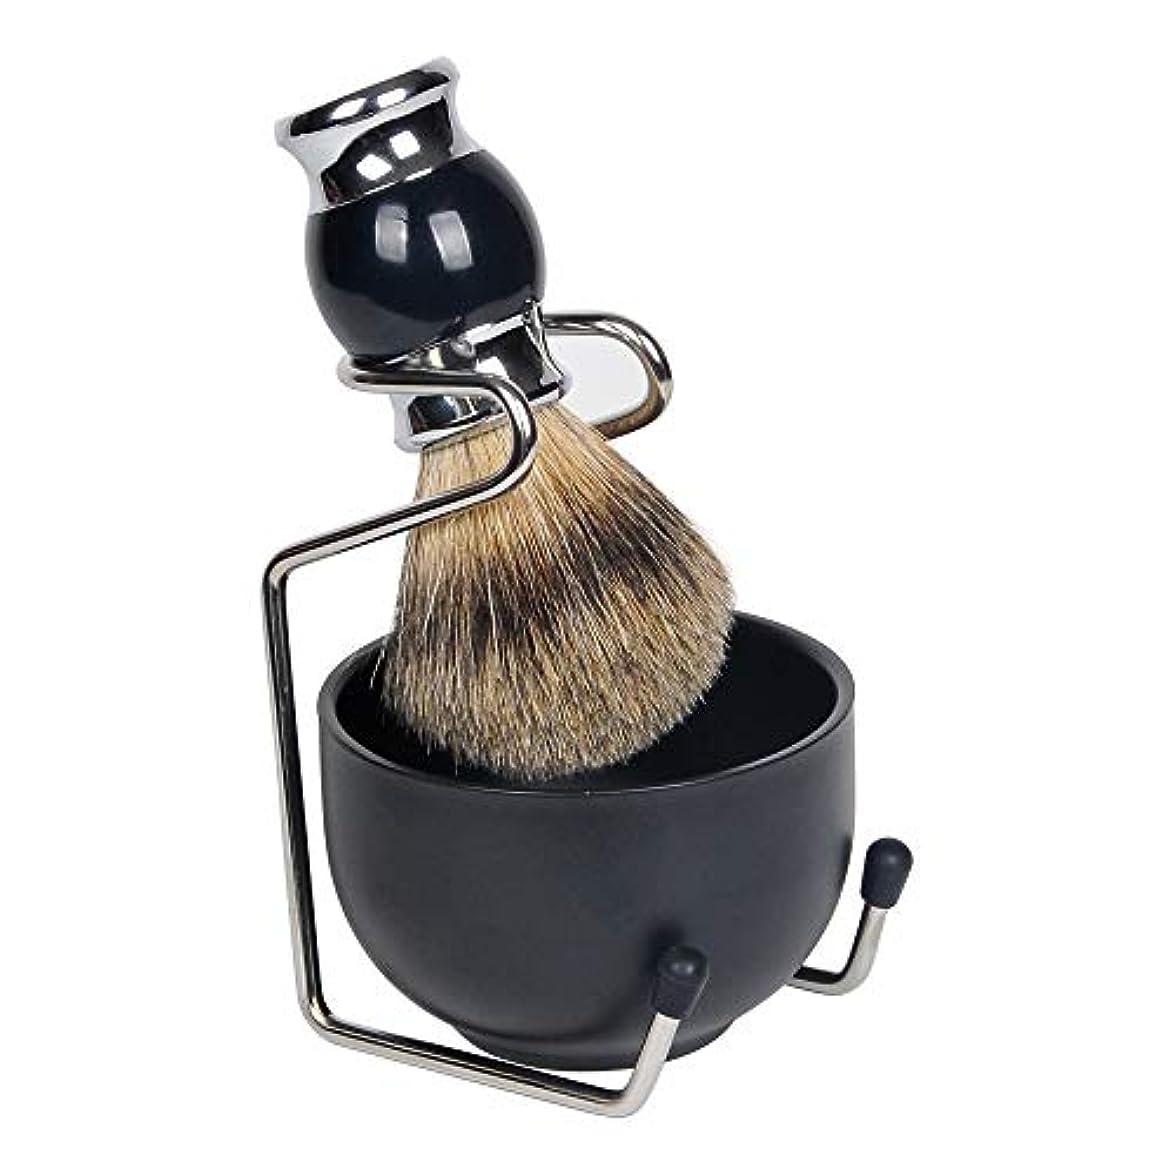 虫を数える手術どうやら1by1 ひげブラシ シェービングブラシセット シェービング石鹸ボウル 理容 髭剃り 泡立ち 洗顔ブラシ メンズ 100% アナグマ毛(3点セット 金属ブラック)